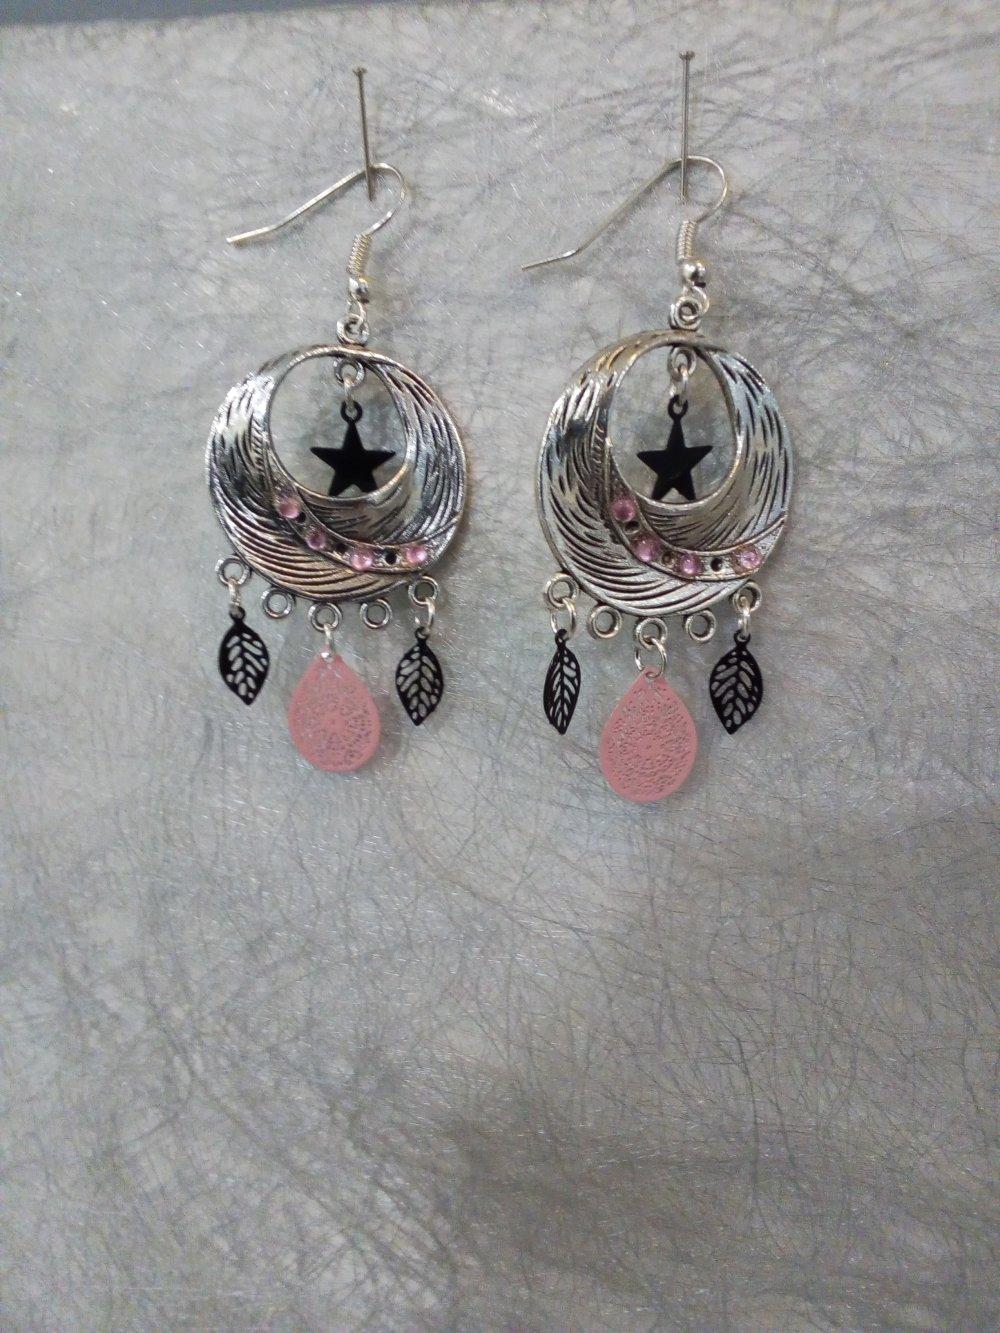 Boucles d'oreilles rose, argent et touche de noir pendantes